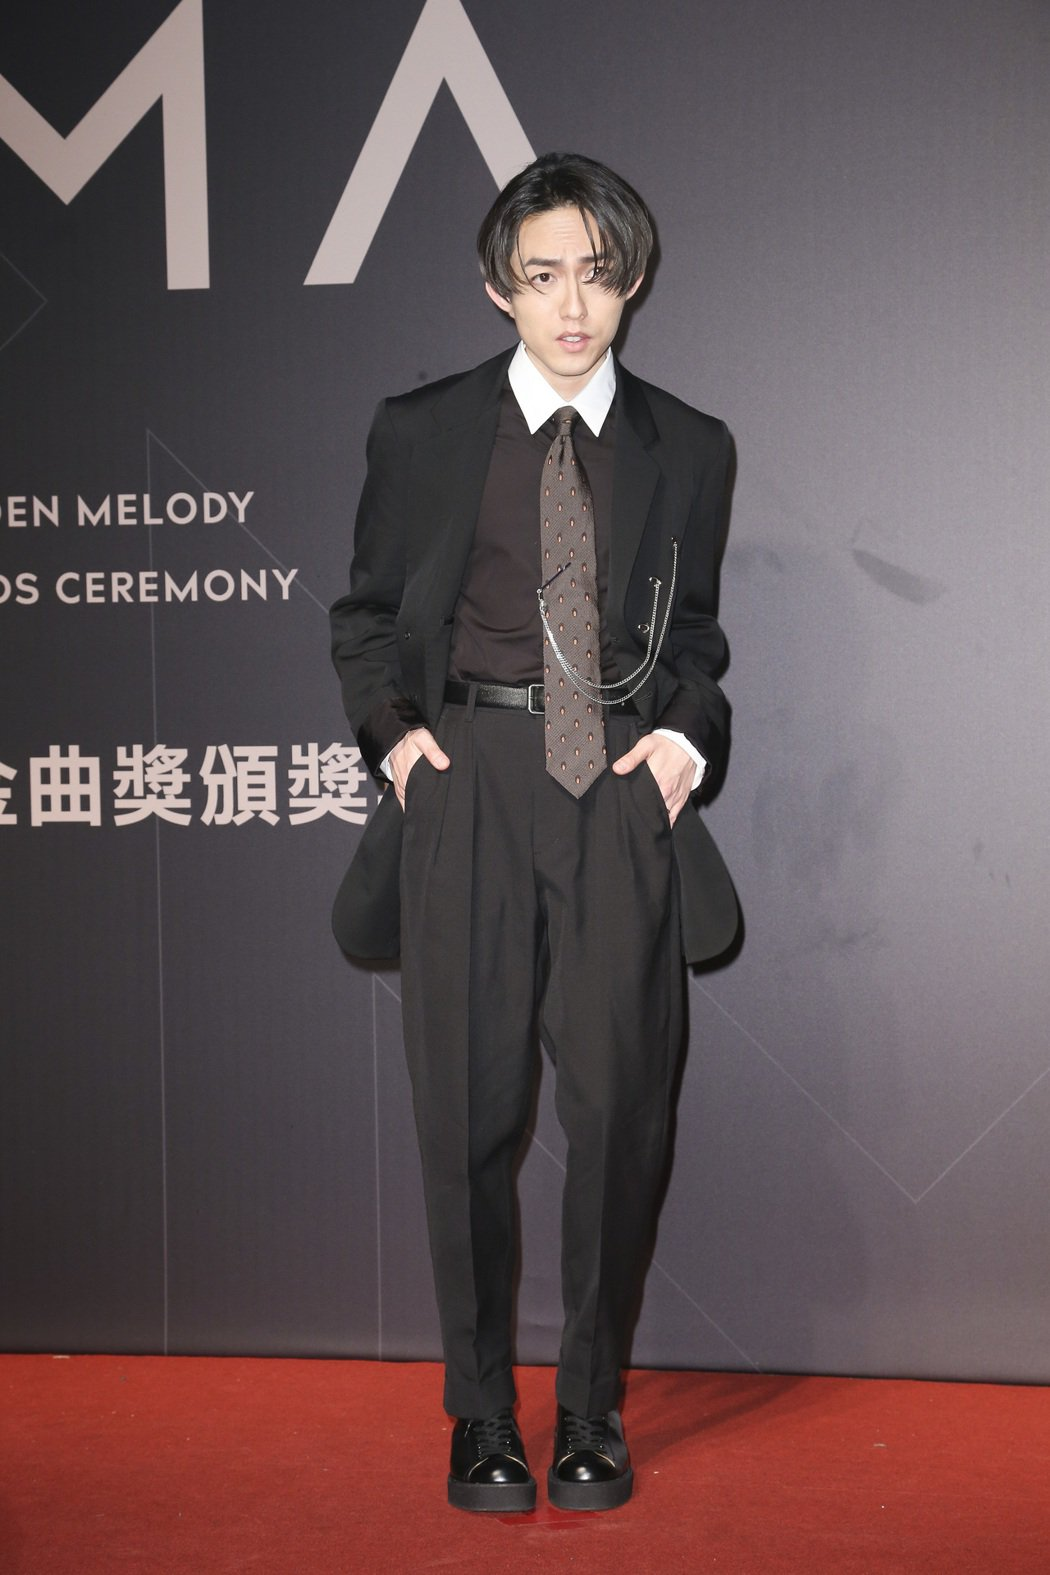 「文青掛」代表有穿山本耀司的林宥嘉。記者陳立凱/攝影